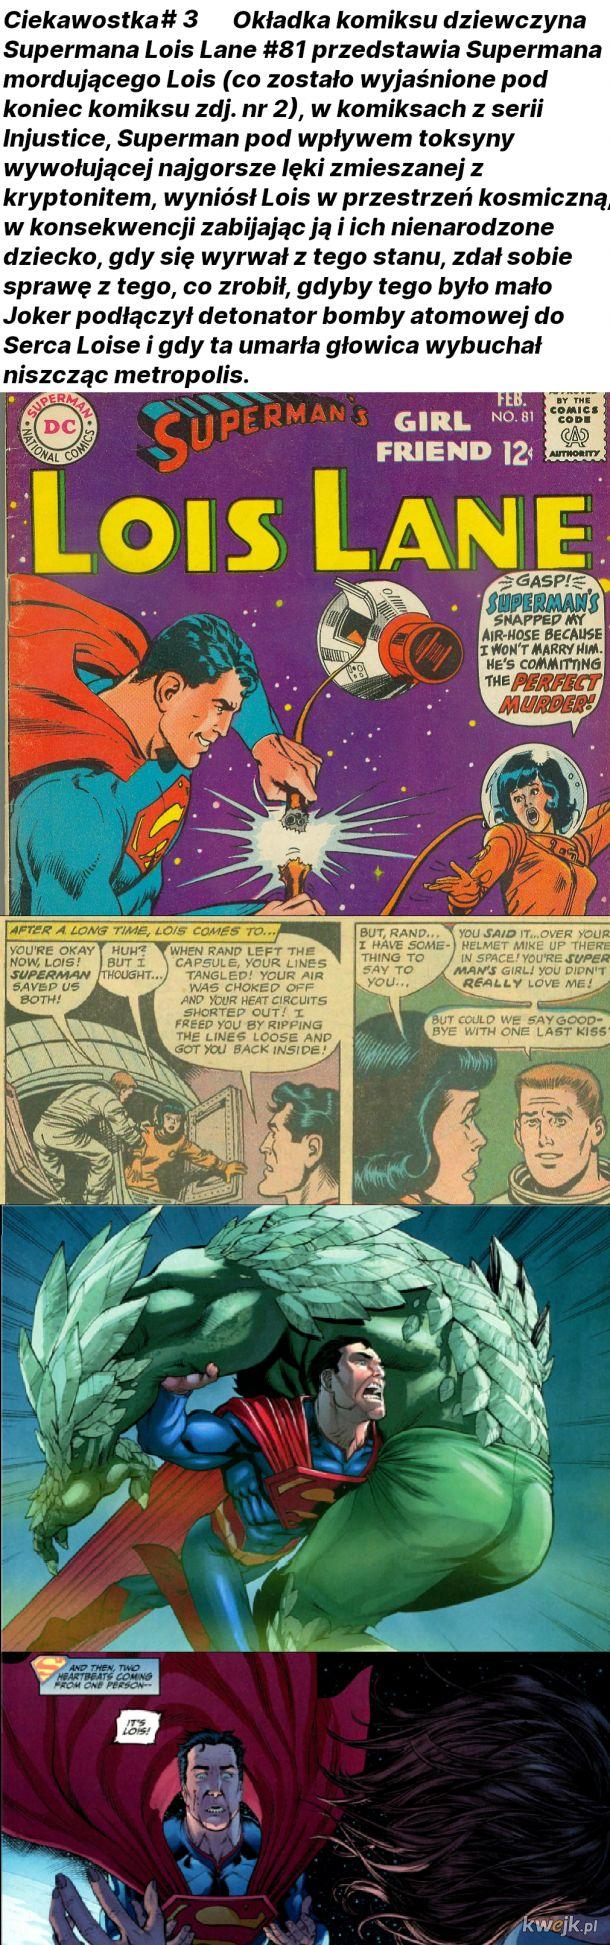 Ciekawostka #3 Superman zabił swoją Żonę